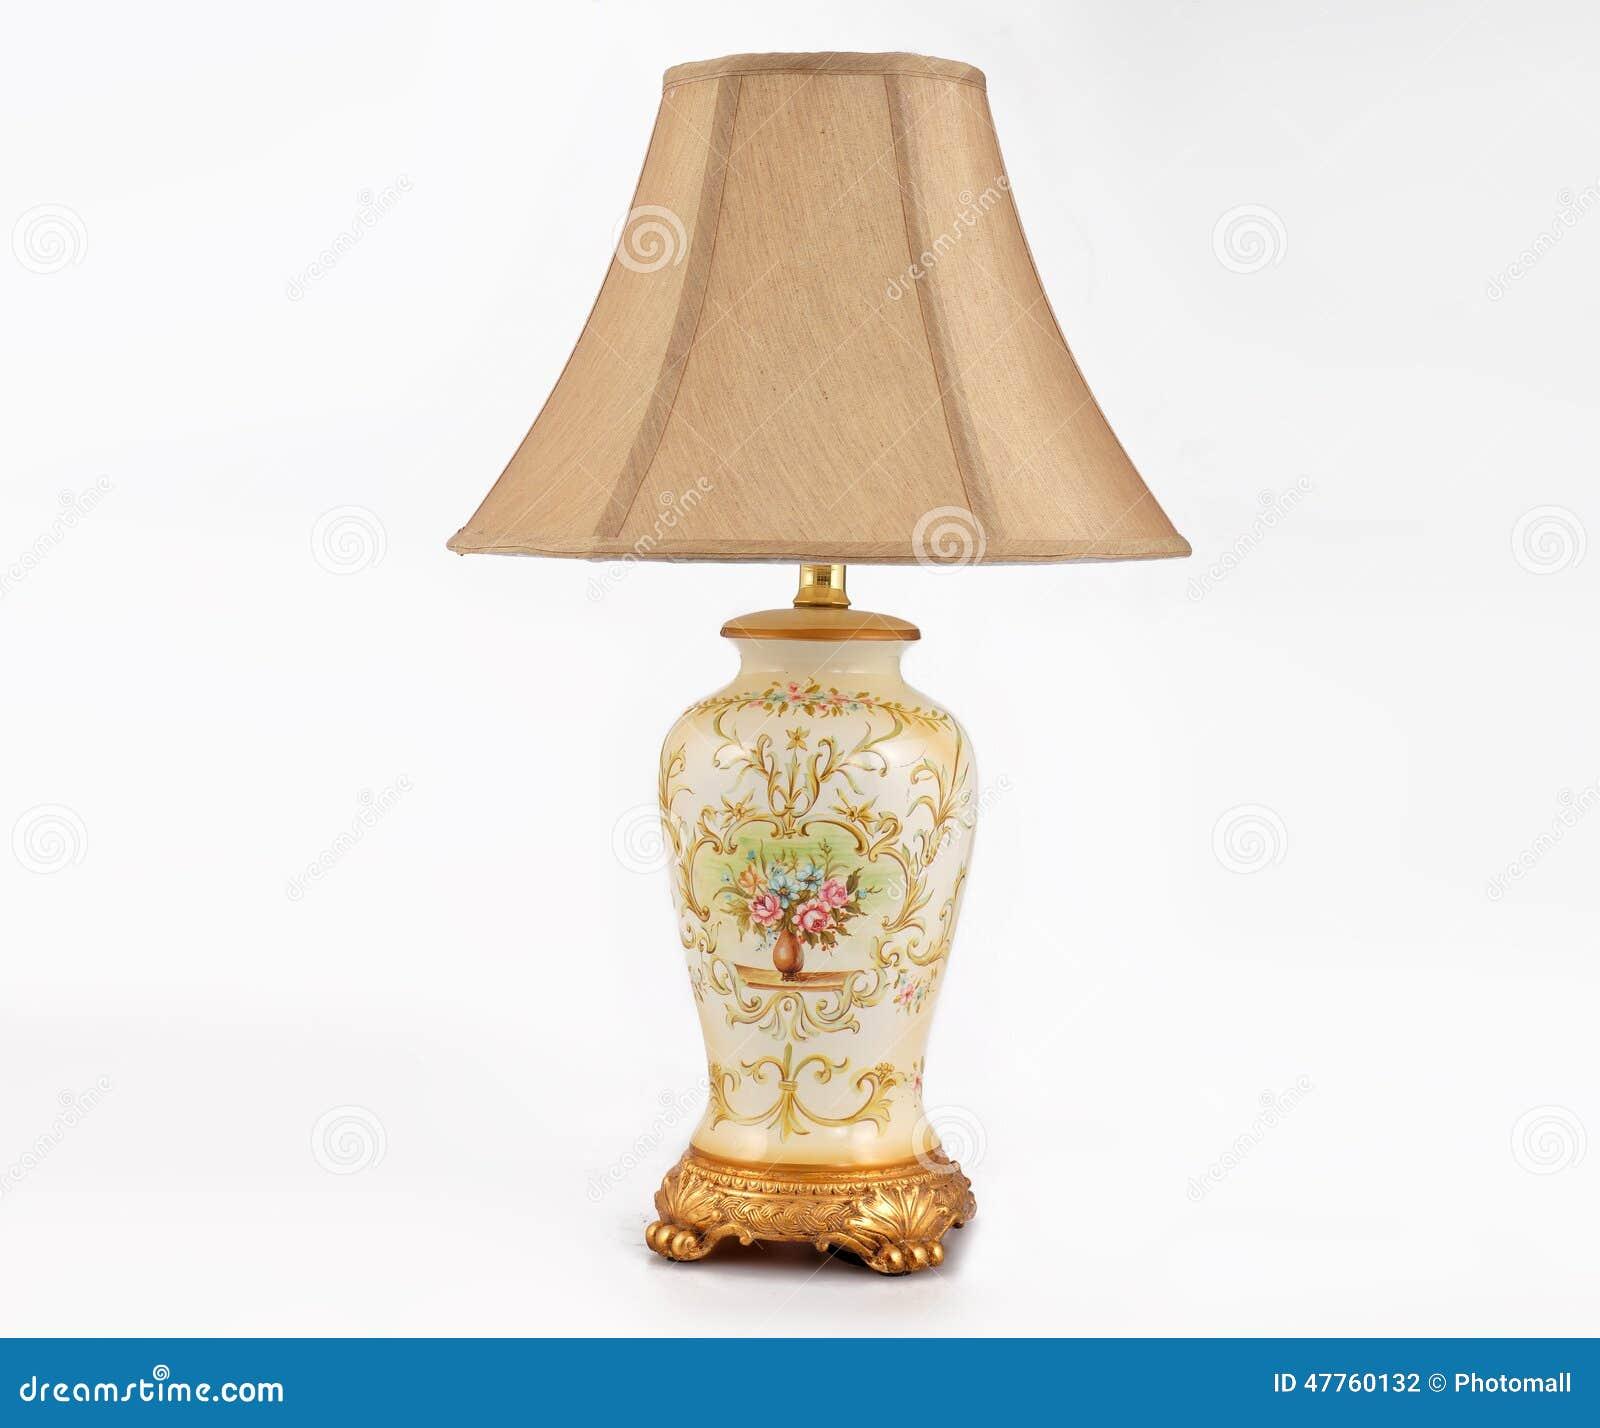 Regalo di festa lampada da tavolo principale classica - Lampada da tavolo classica ...